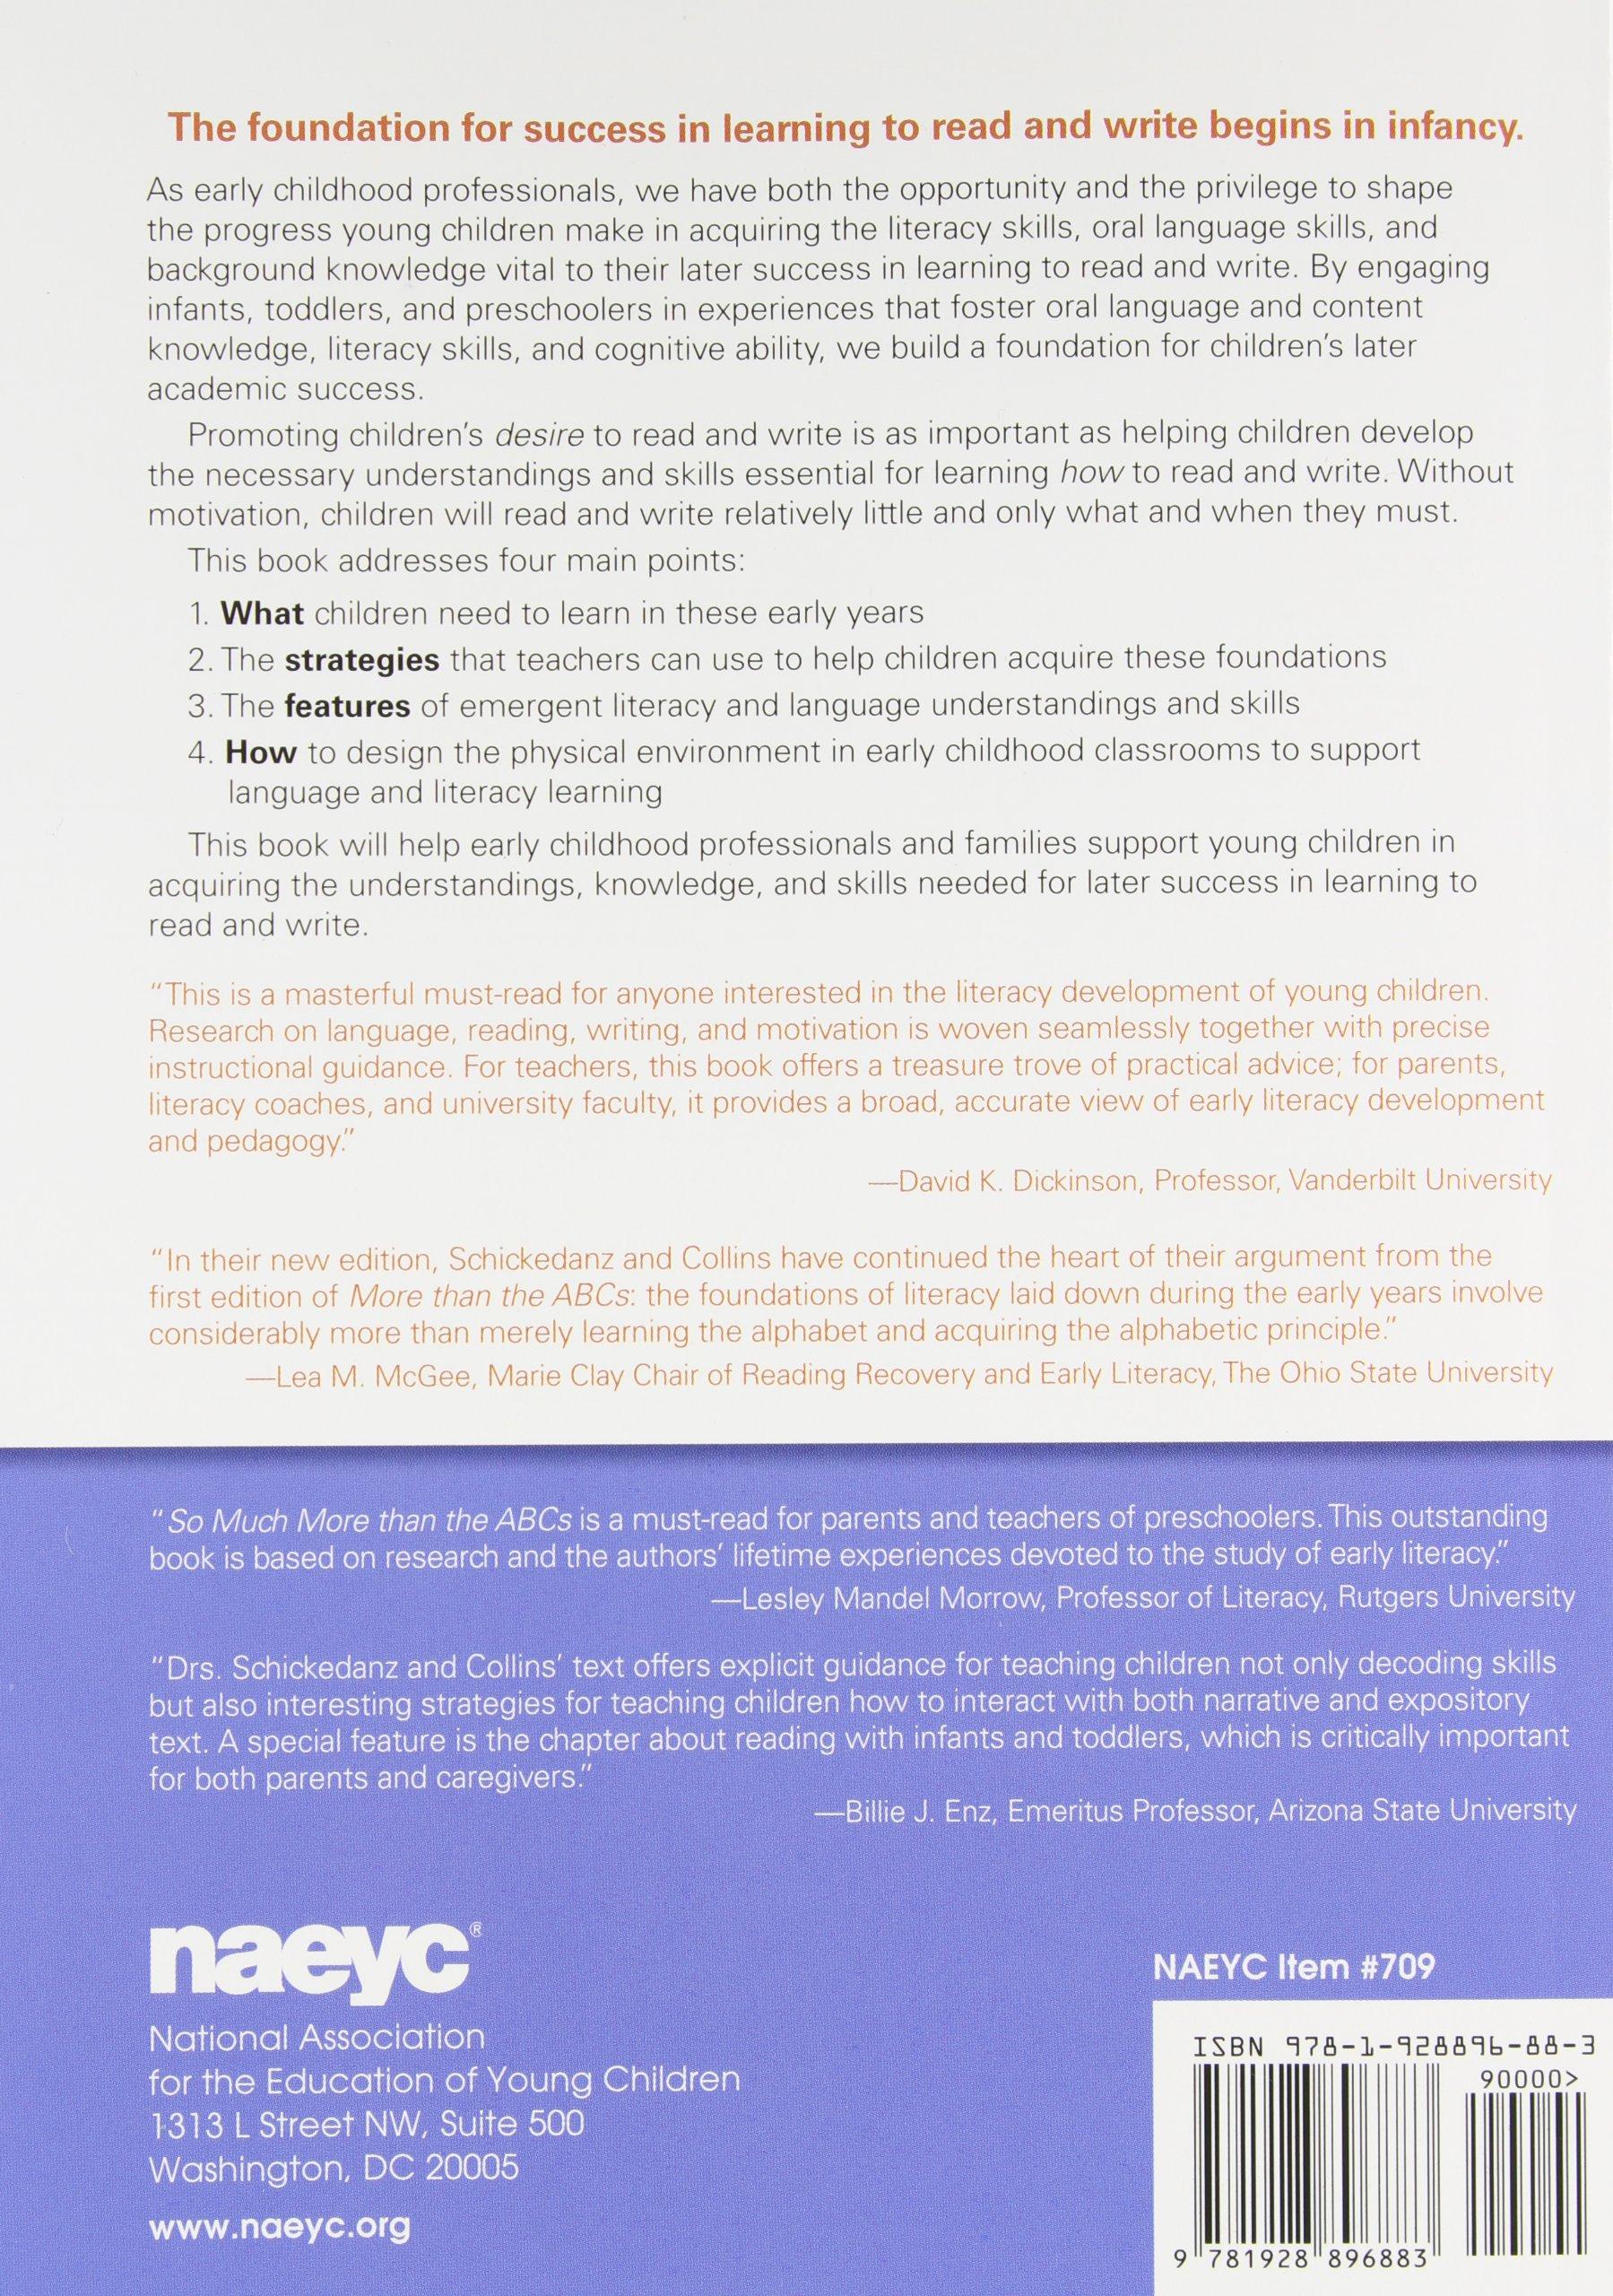 Curriculum vitae f image 9